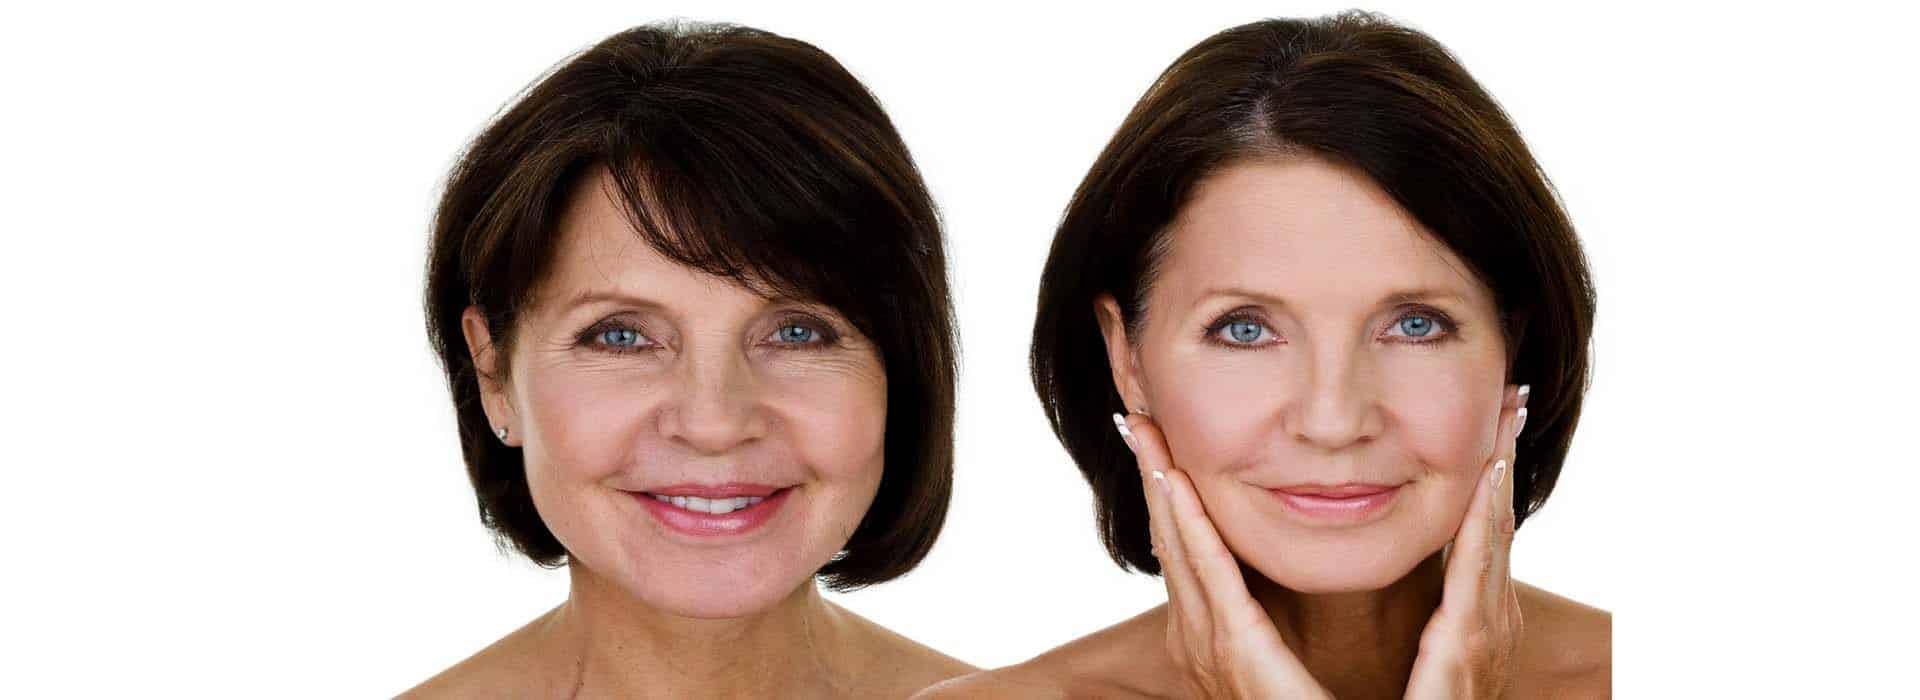 Antes y después de una lipoescultura